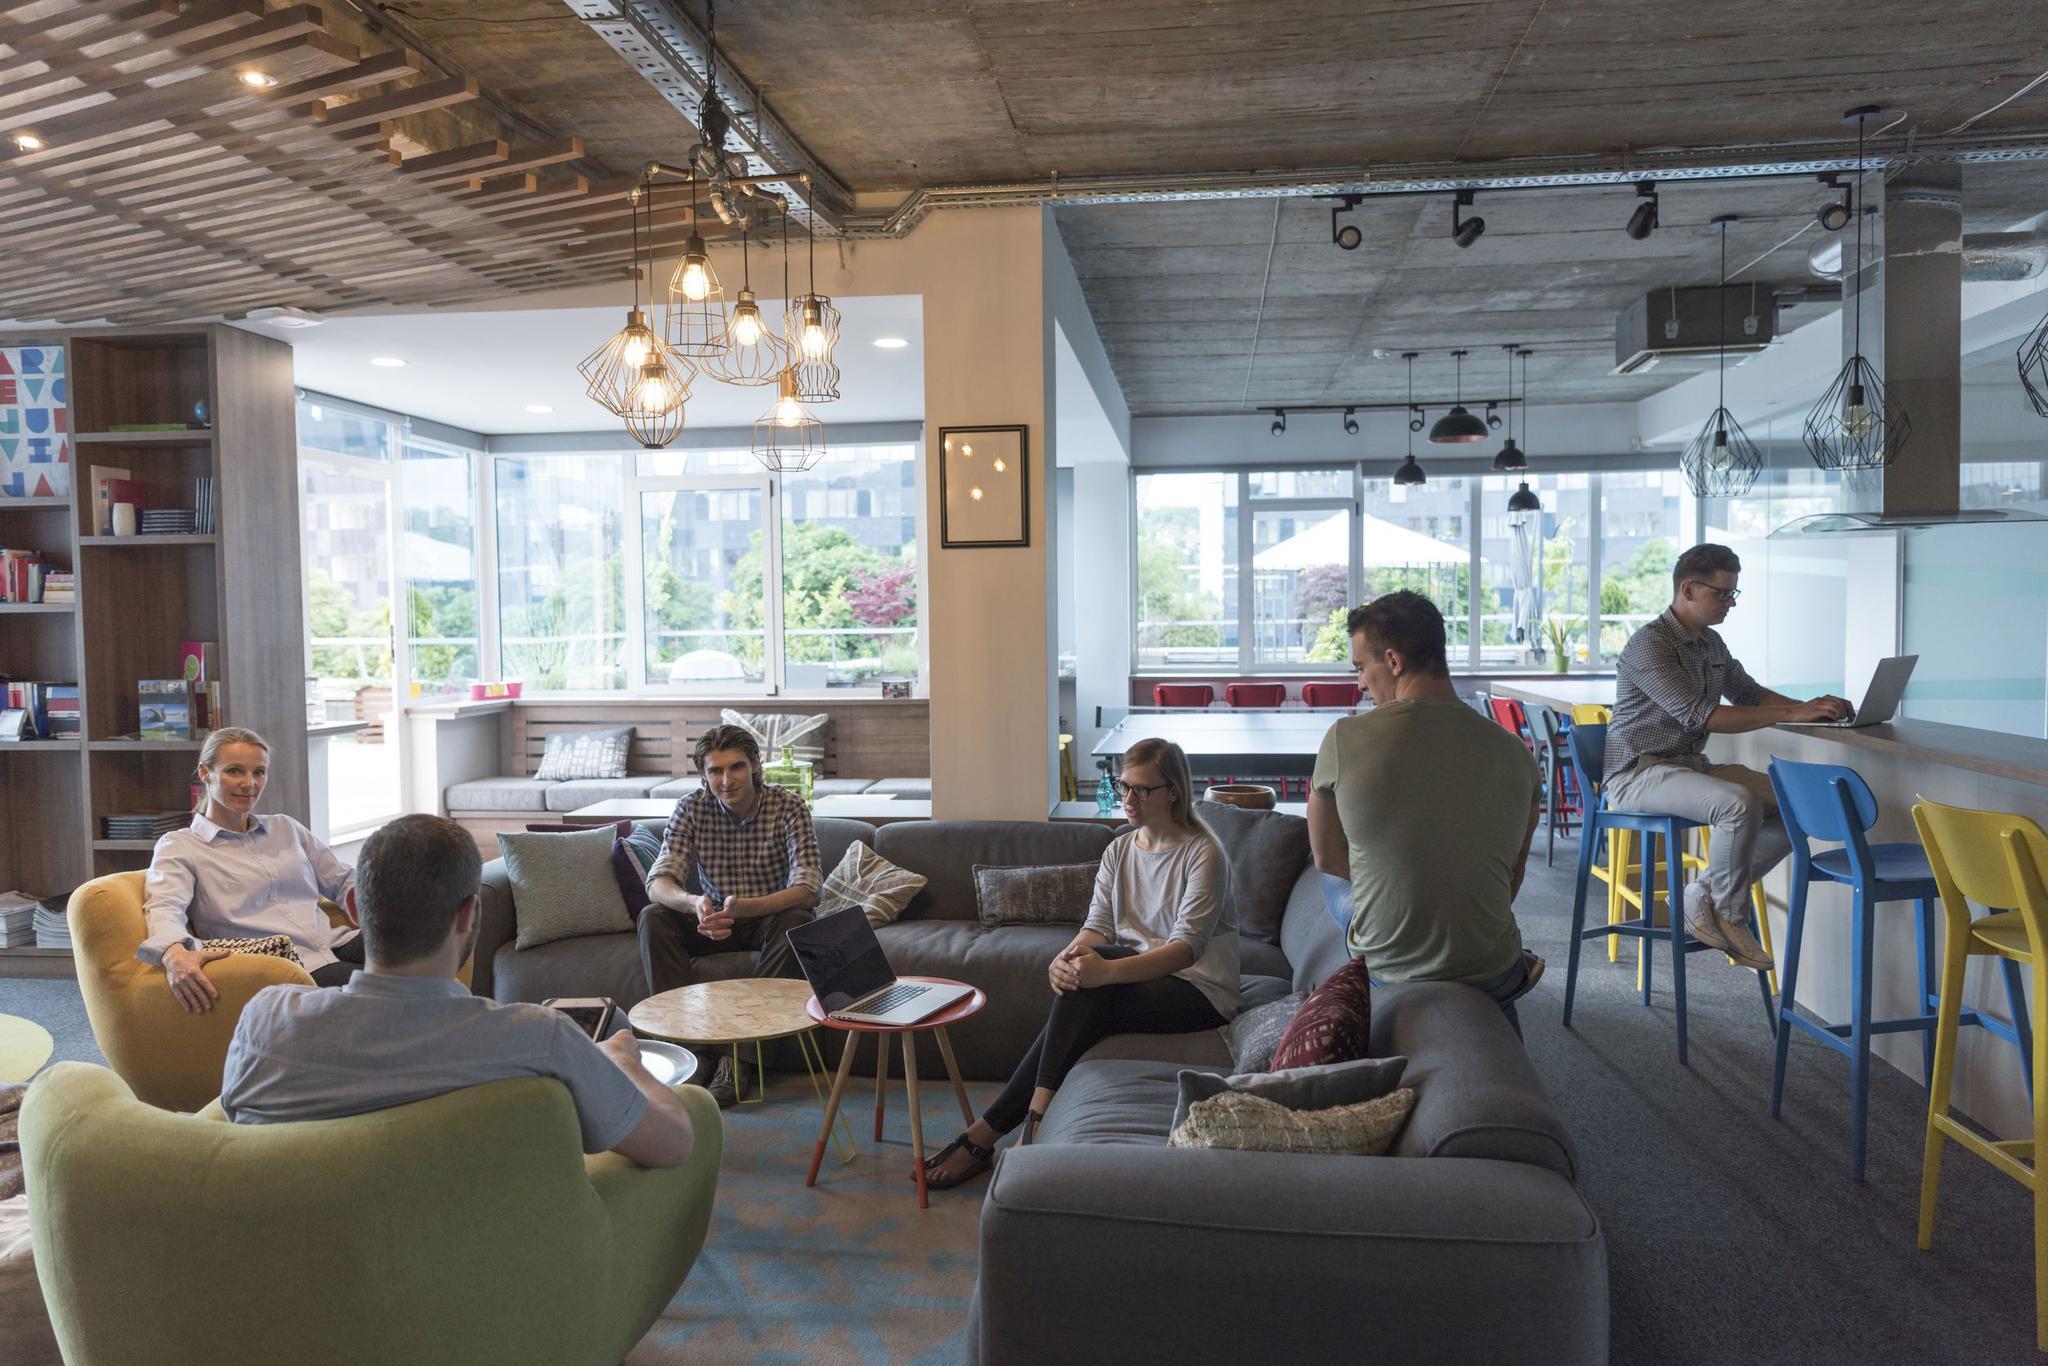 Modernes Großraumbüros, in dem die Angestellten in der Mitte auf Sesseln und einem Sofa sich gegenüber sitzen. Rechts im Hintergrund stehen Arbeitstische.